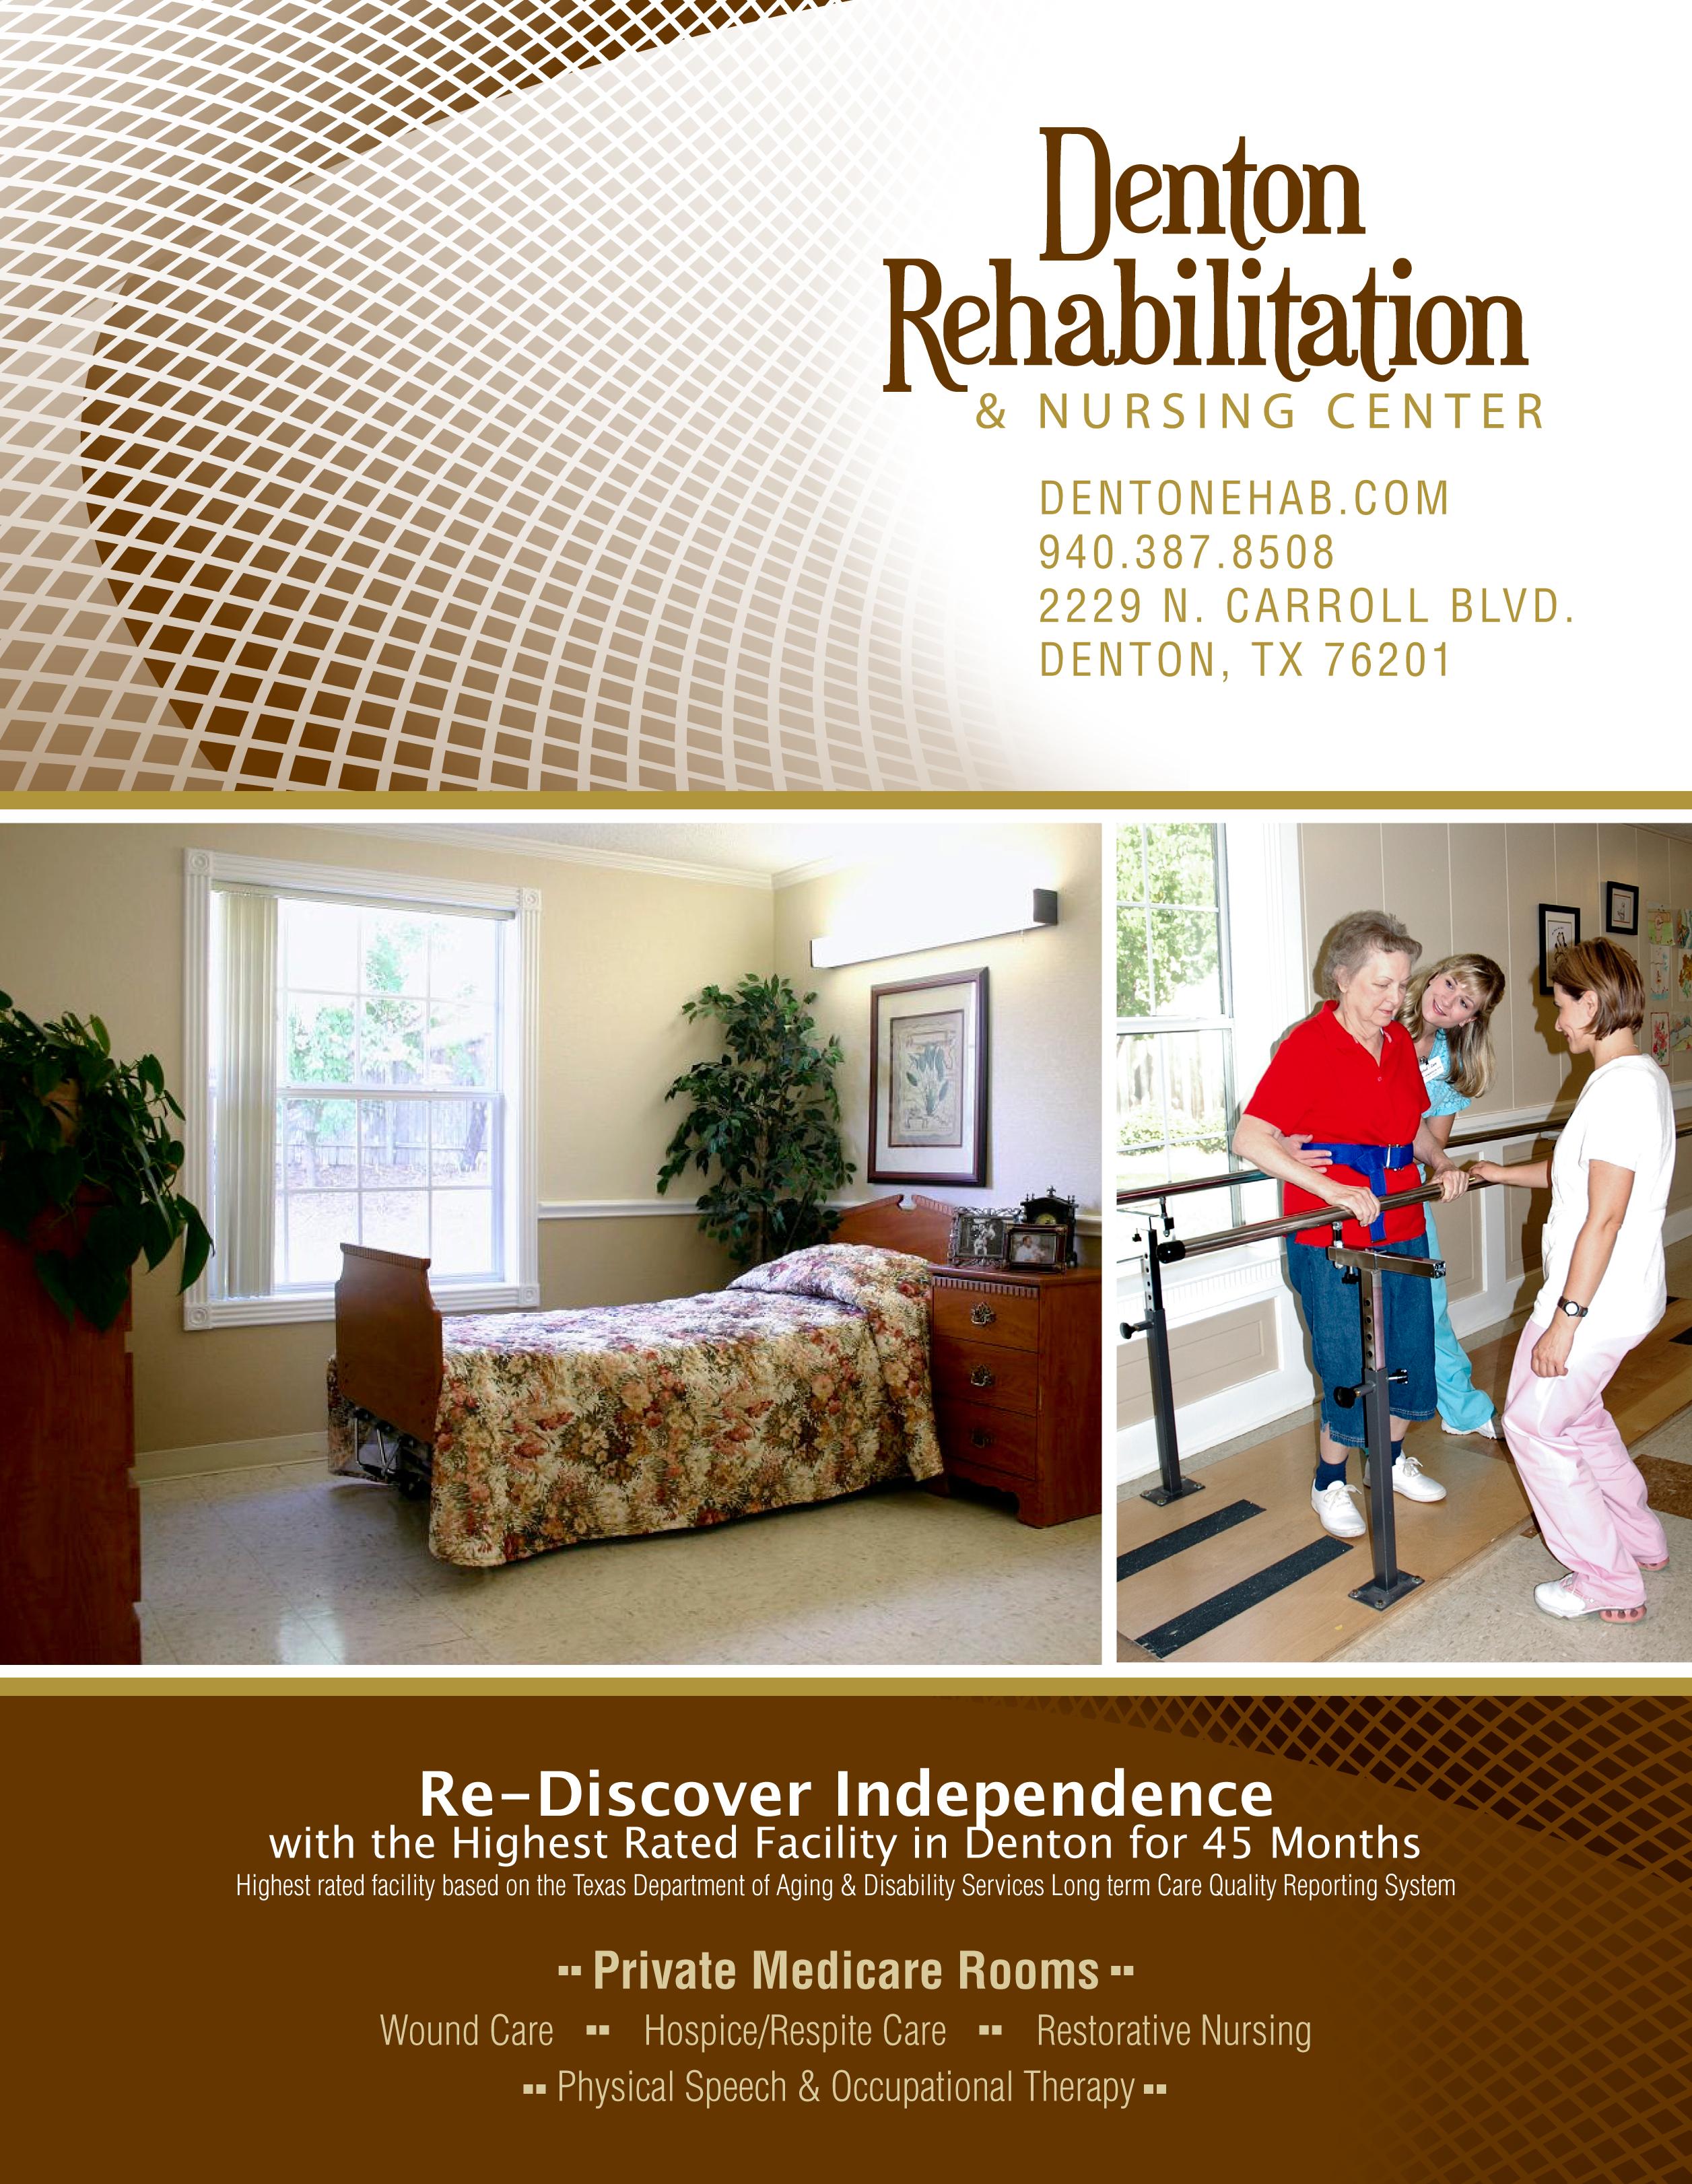 denton+rehab+ad+2.19.jpg